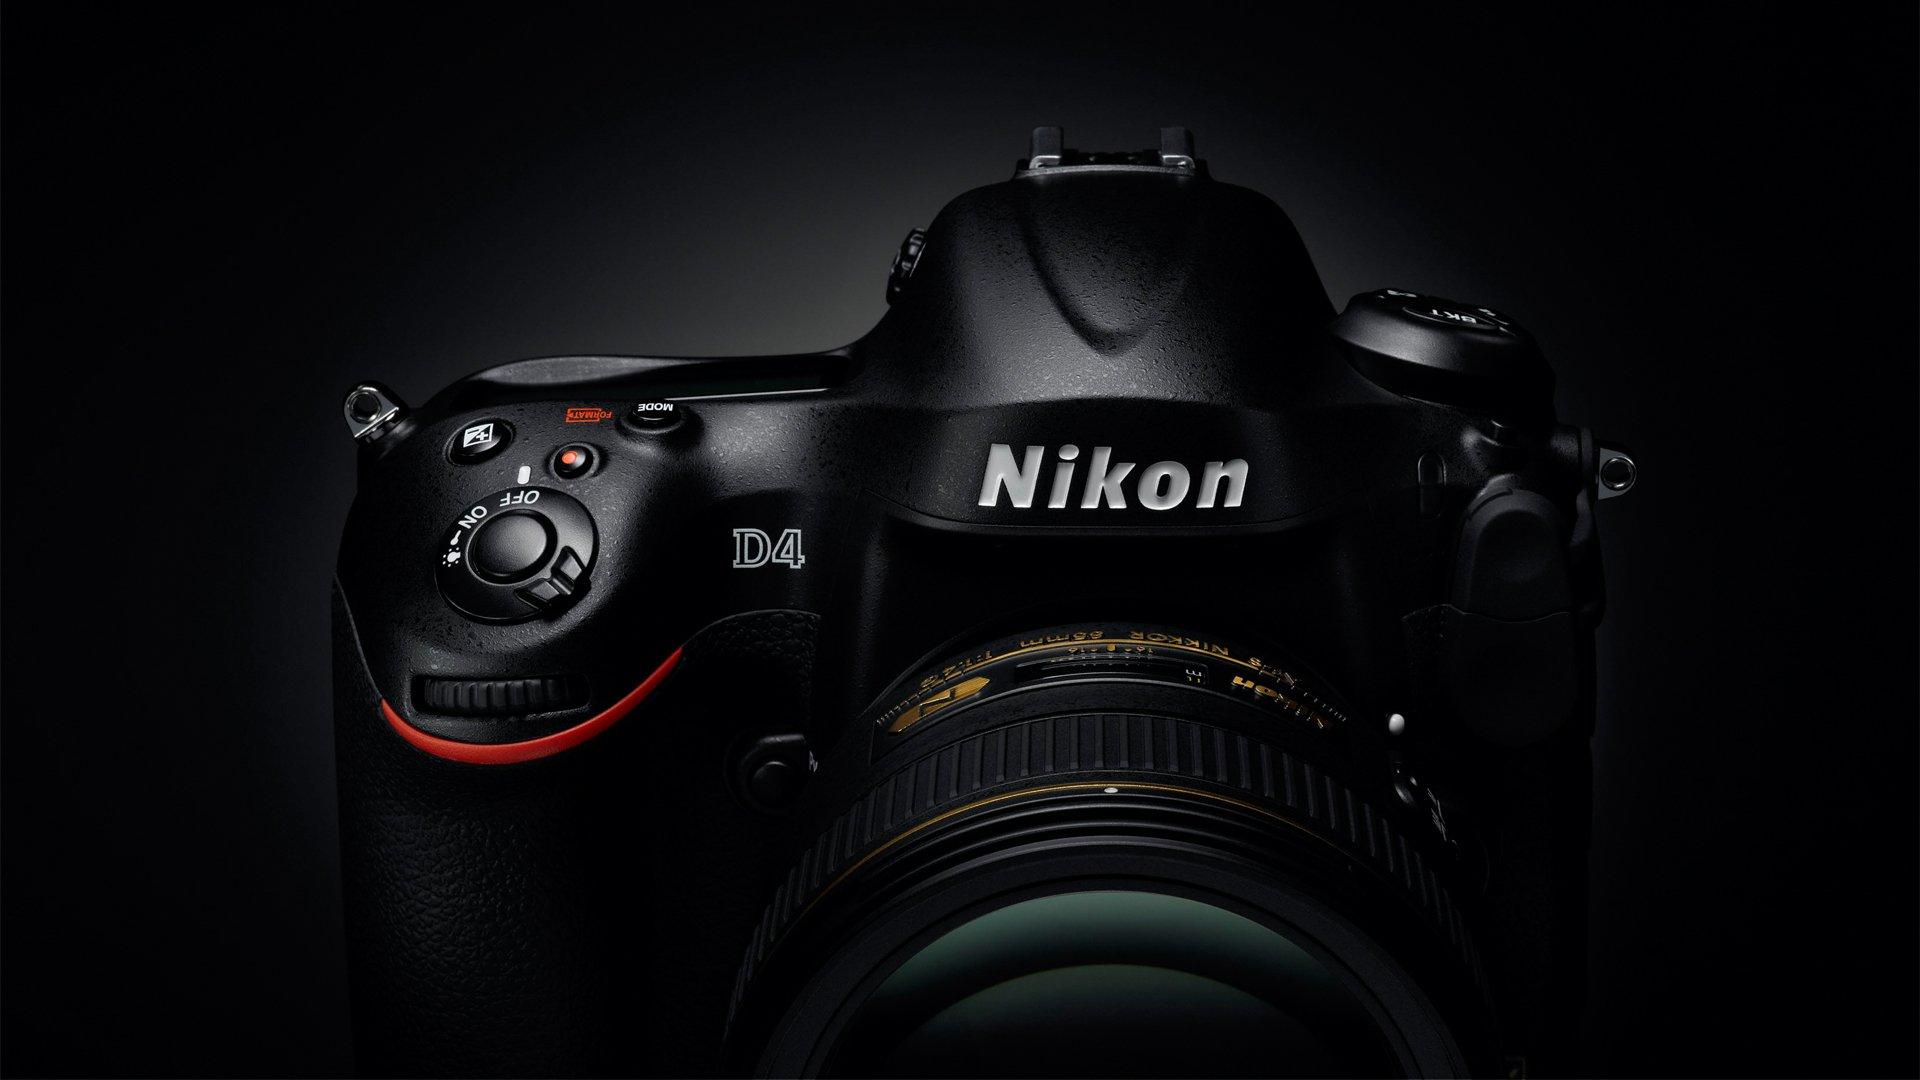 Camaras fotograficas profesionales nikon en panama 19